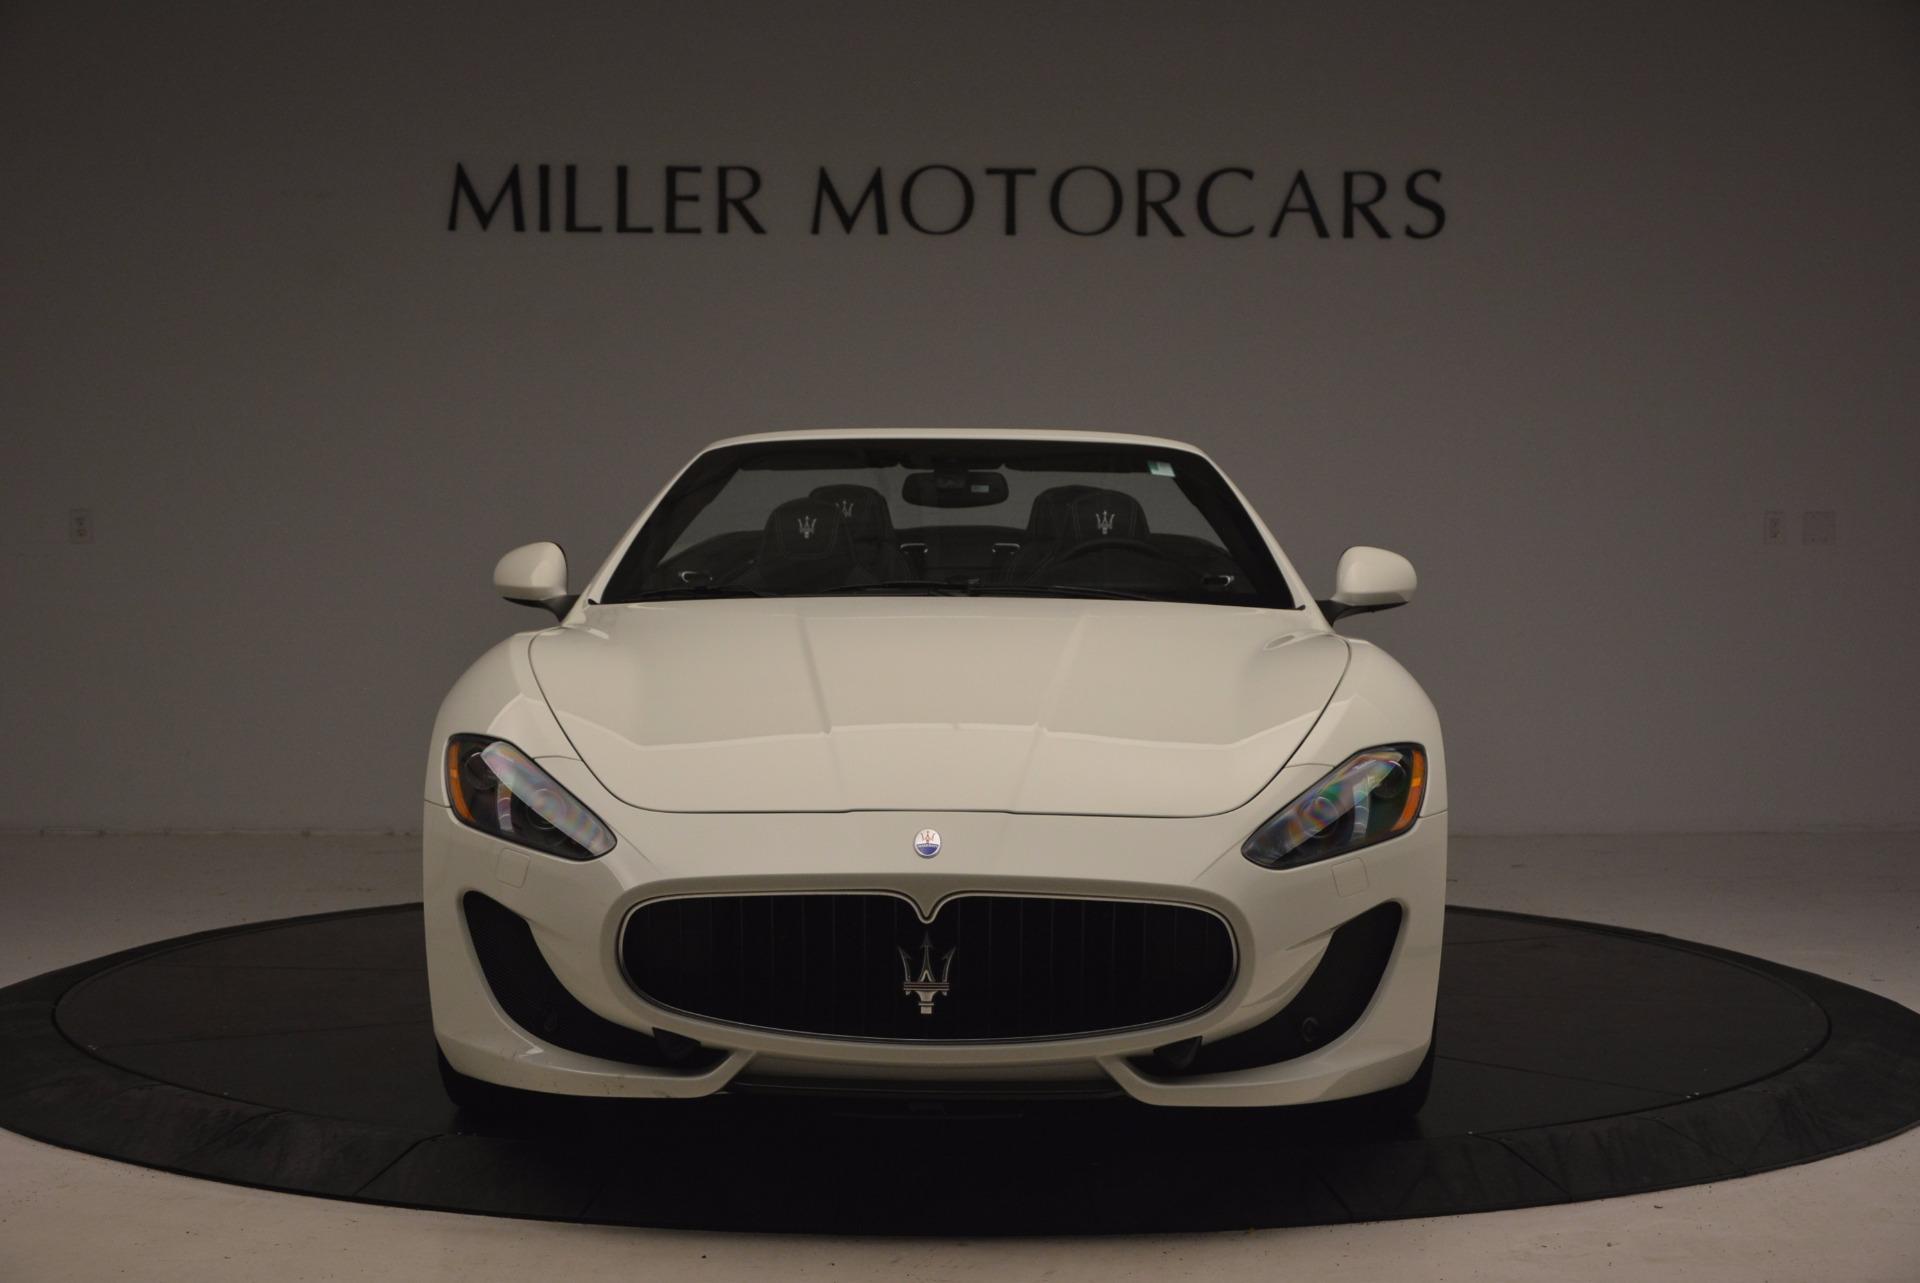 Used 2016 Maserati GranTurismo Sport For Sale In Greenwich, CT 1278_p13